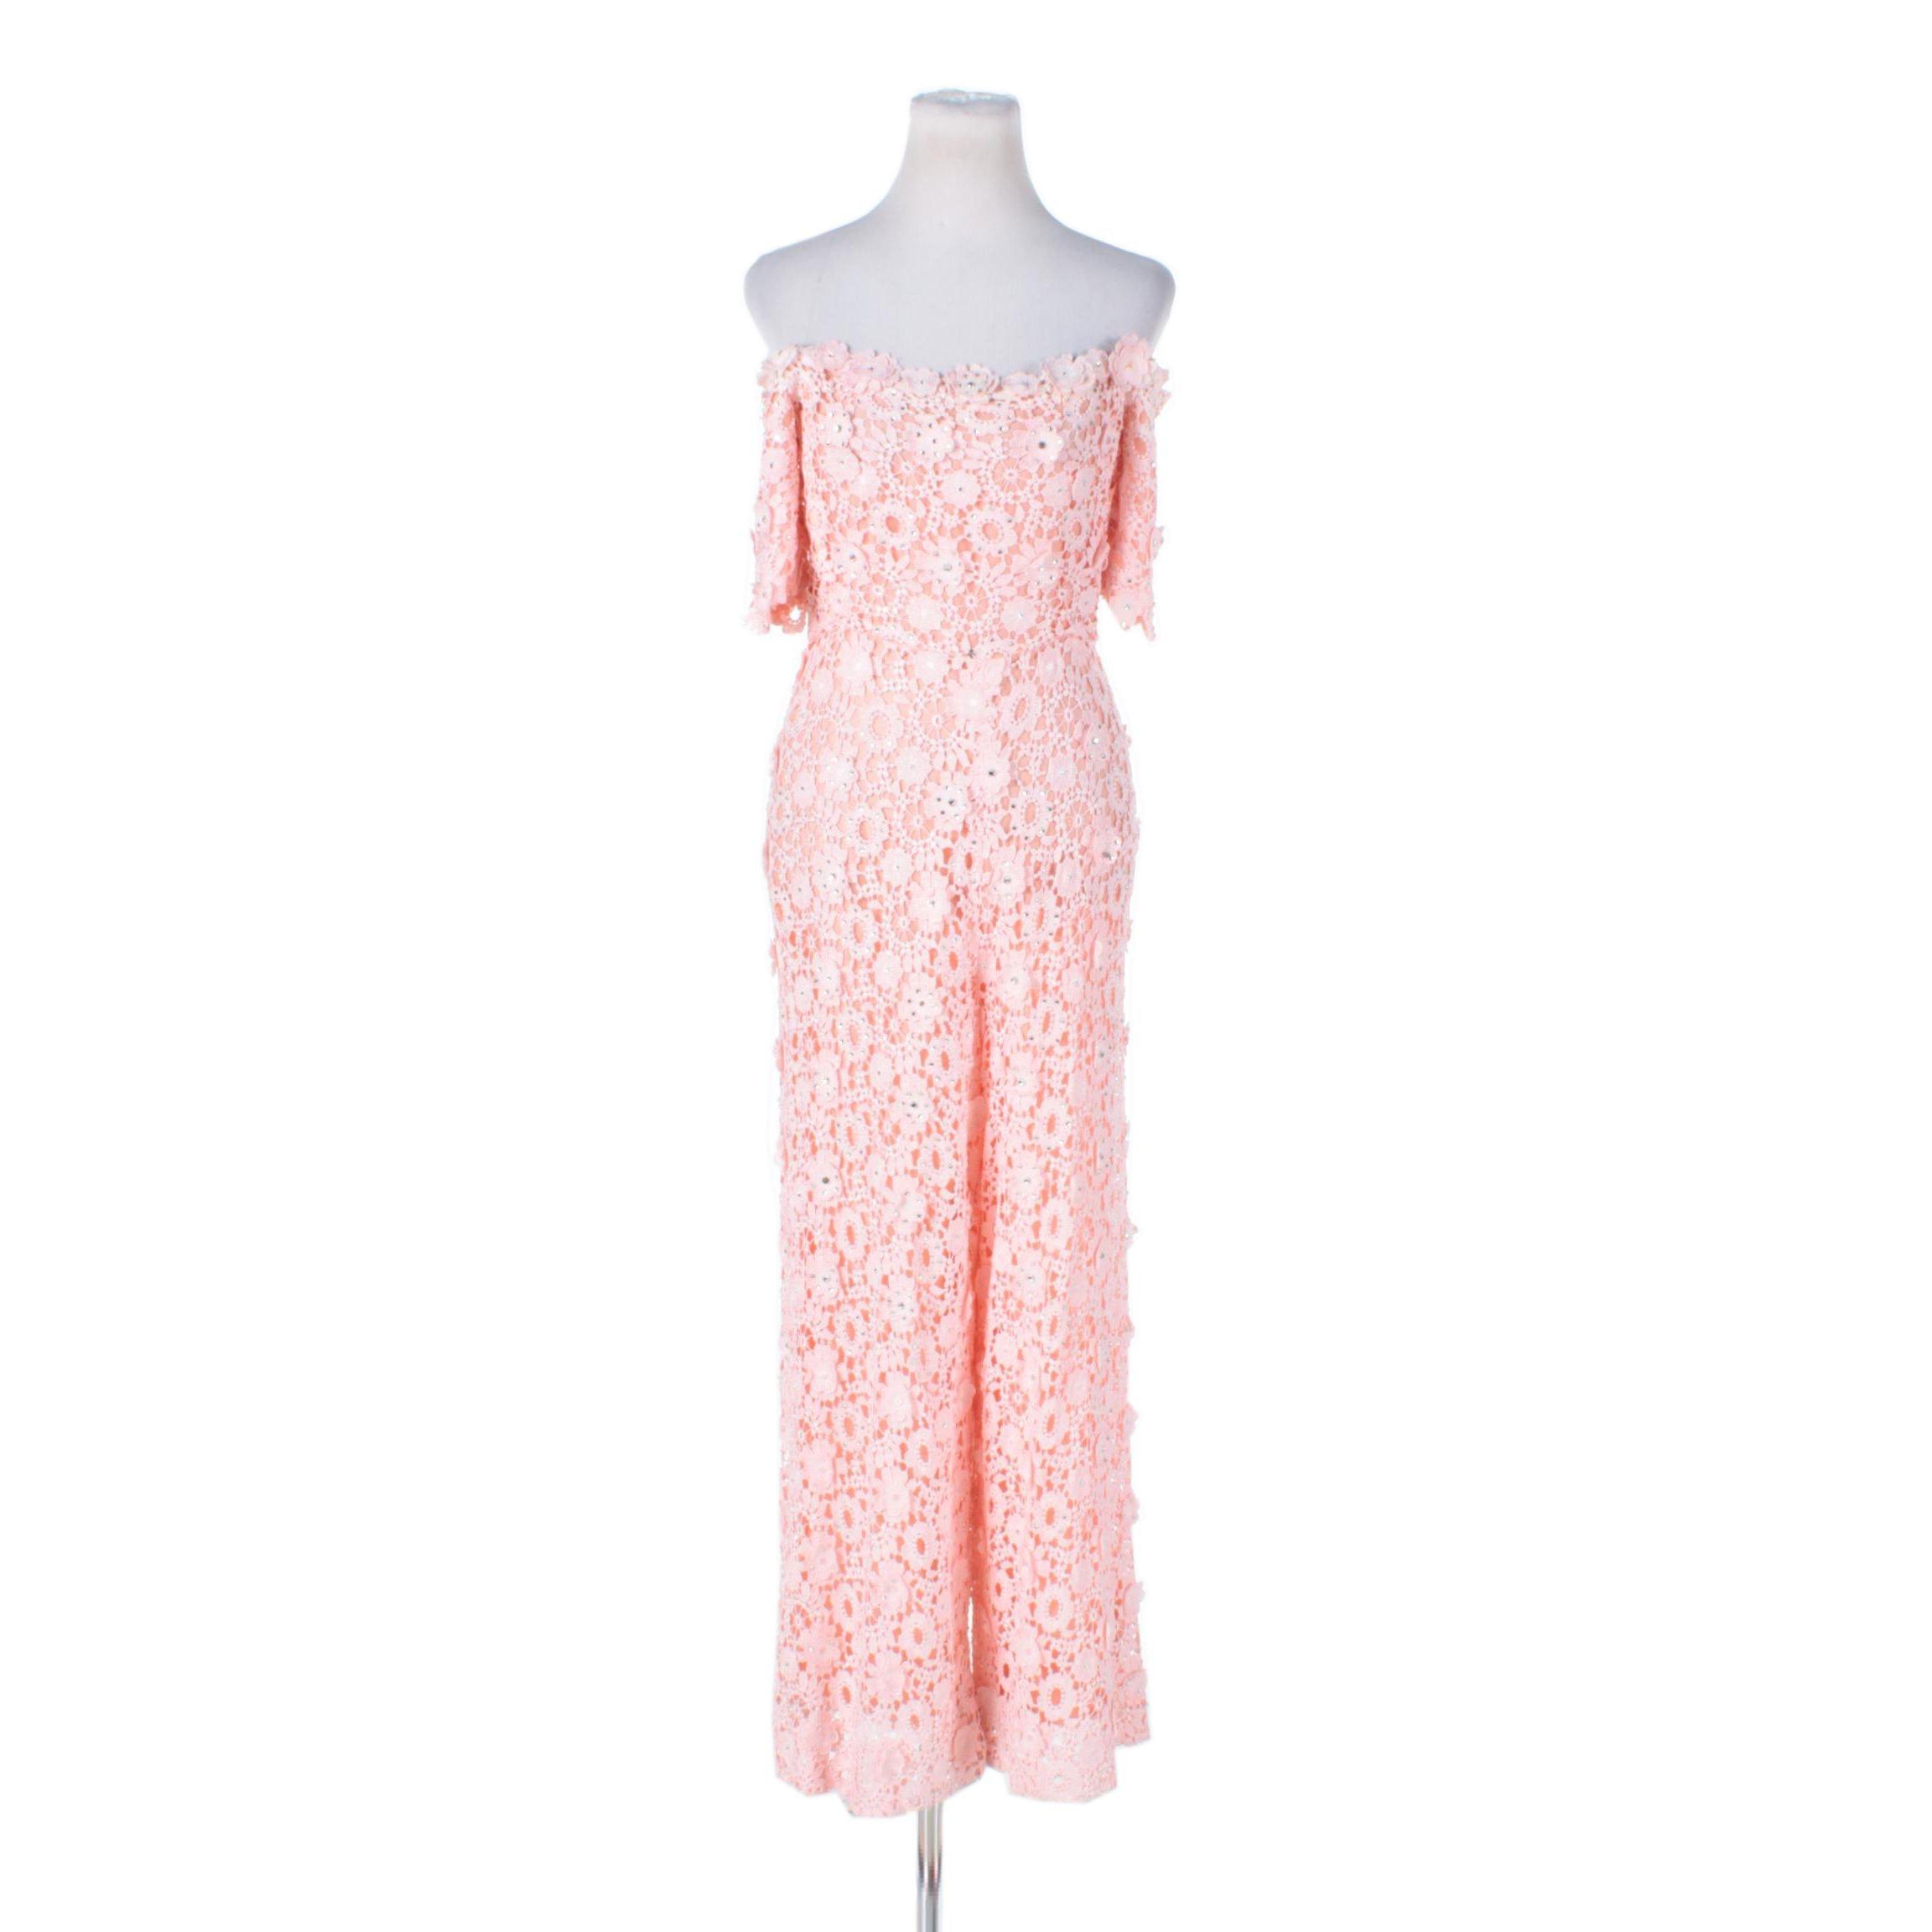 Circa 1970s Vintage Pink Lace Jumpsuit